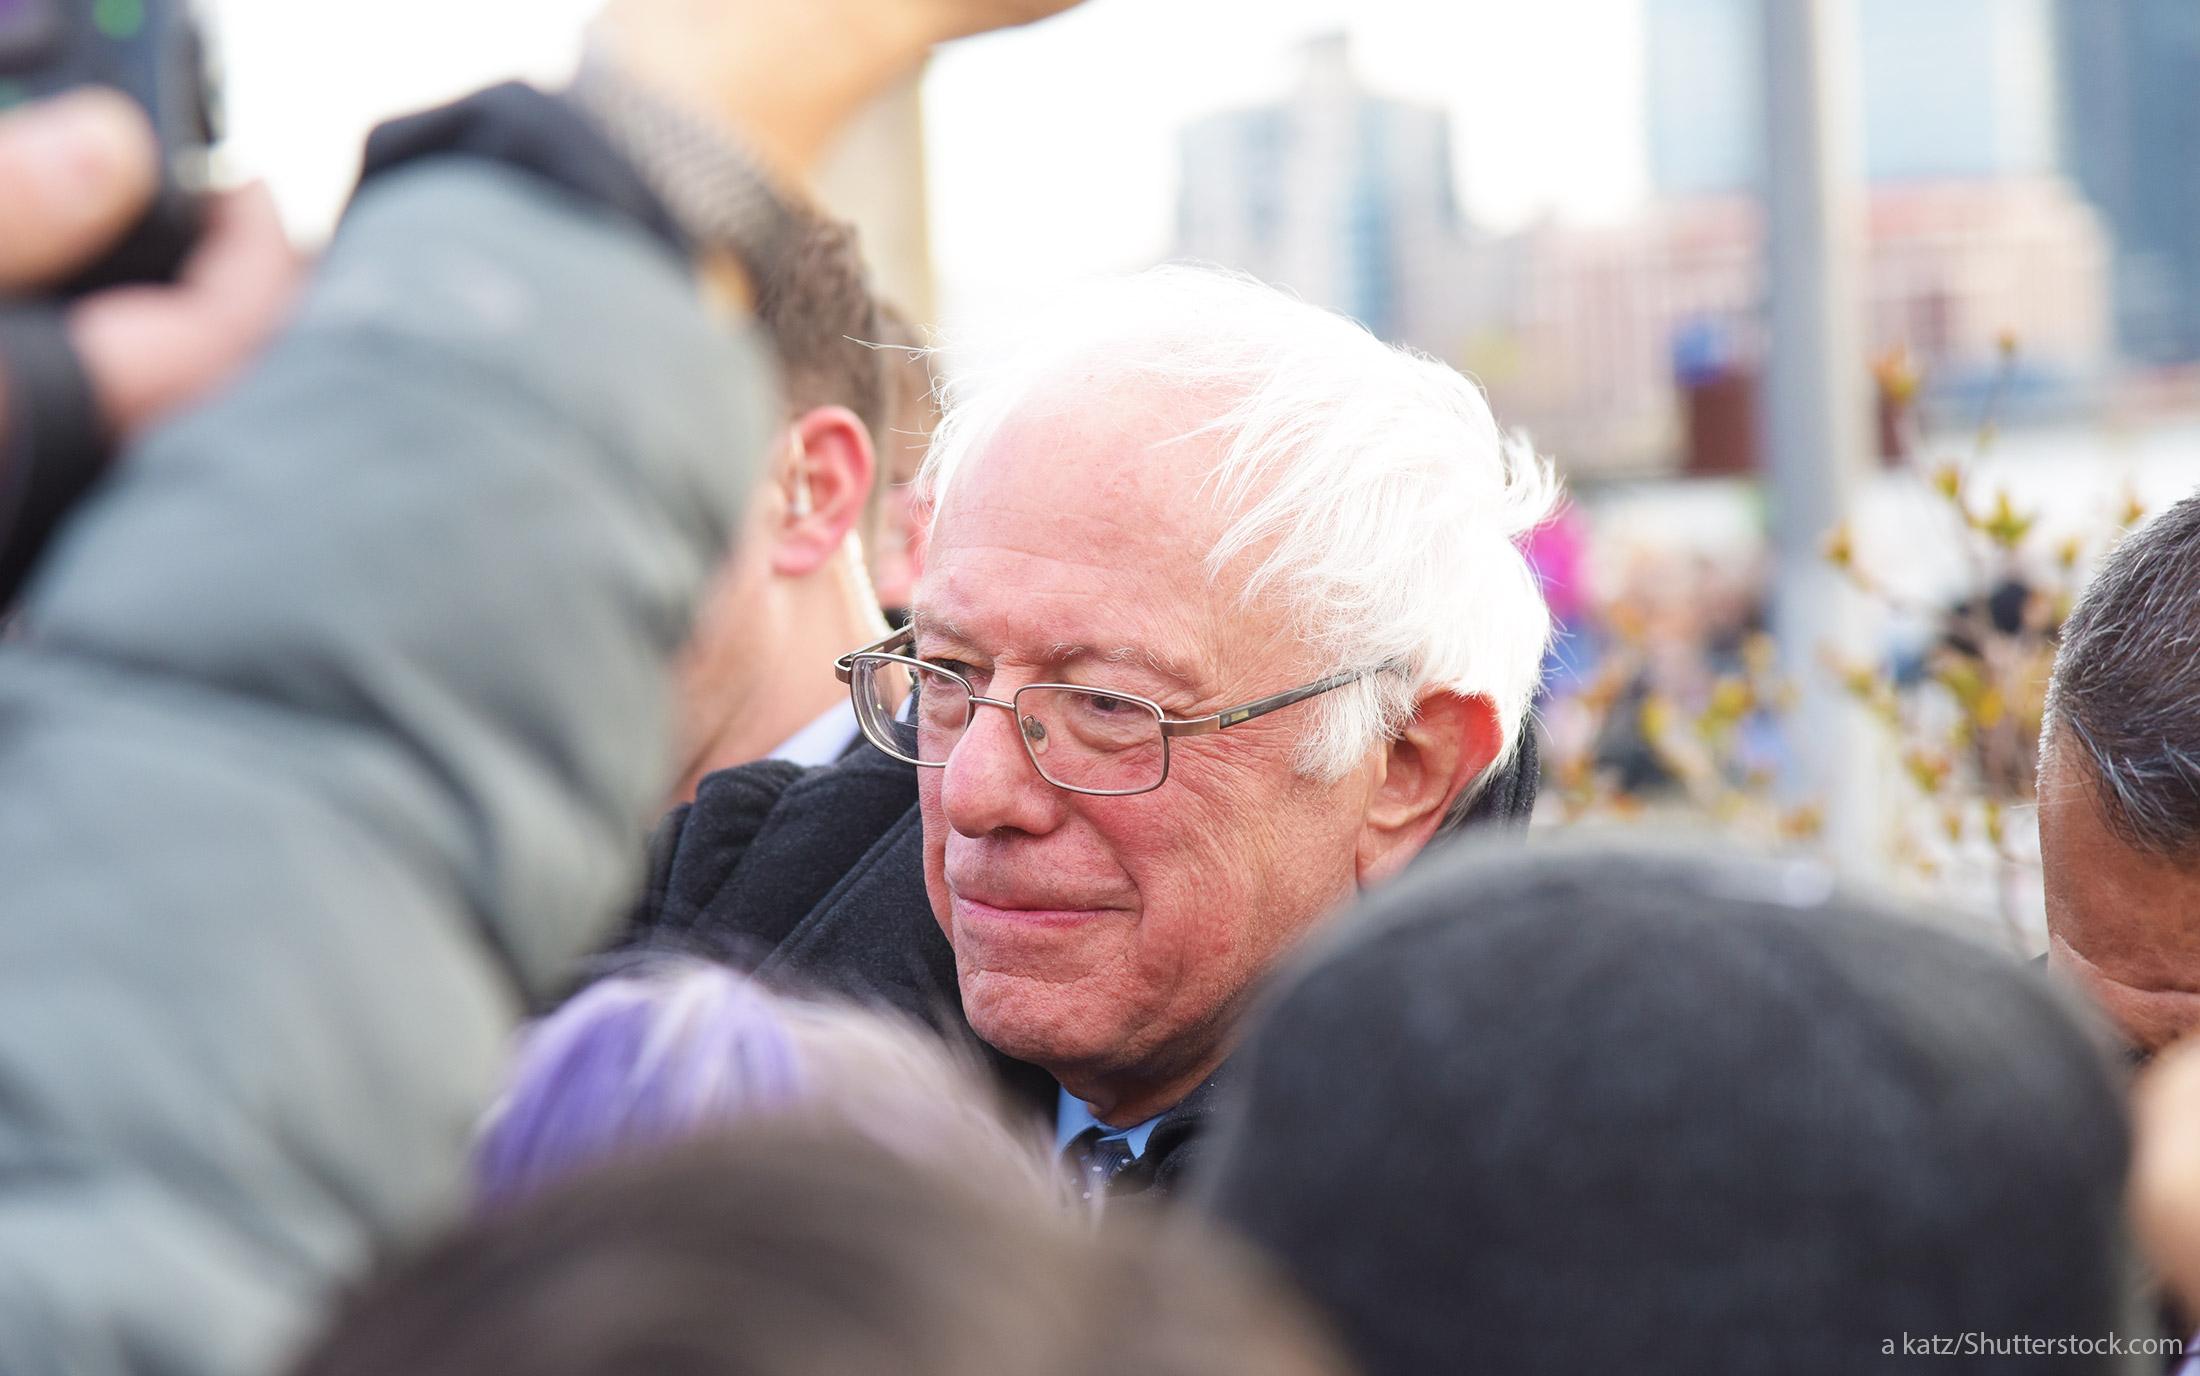 Bernie Sanders spending